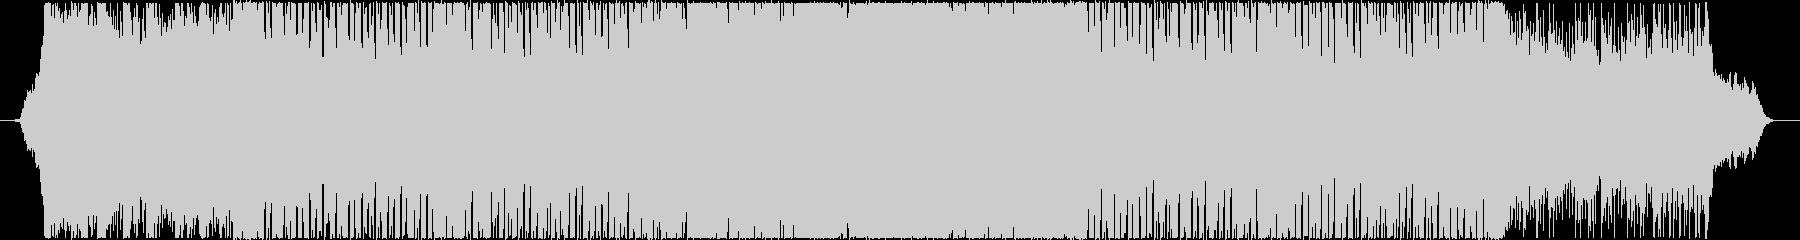 オープニングに最適な明るいコーポレートの未再生の波形